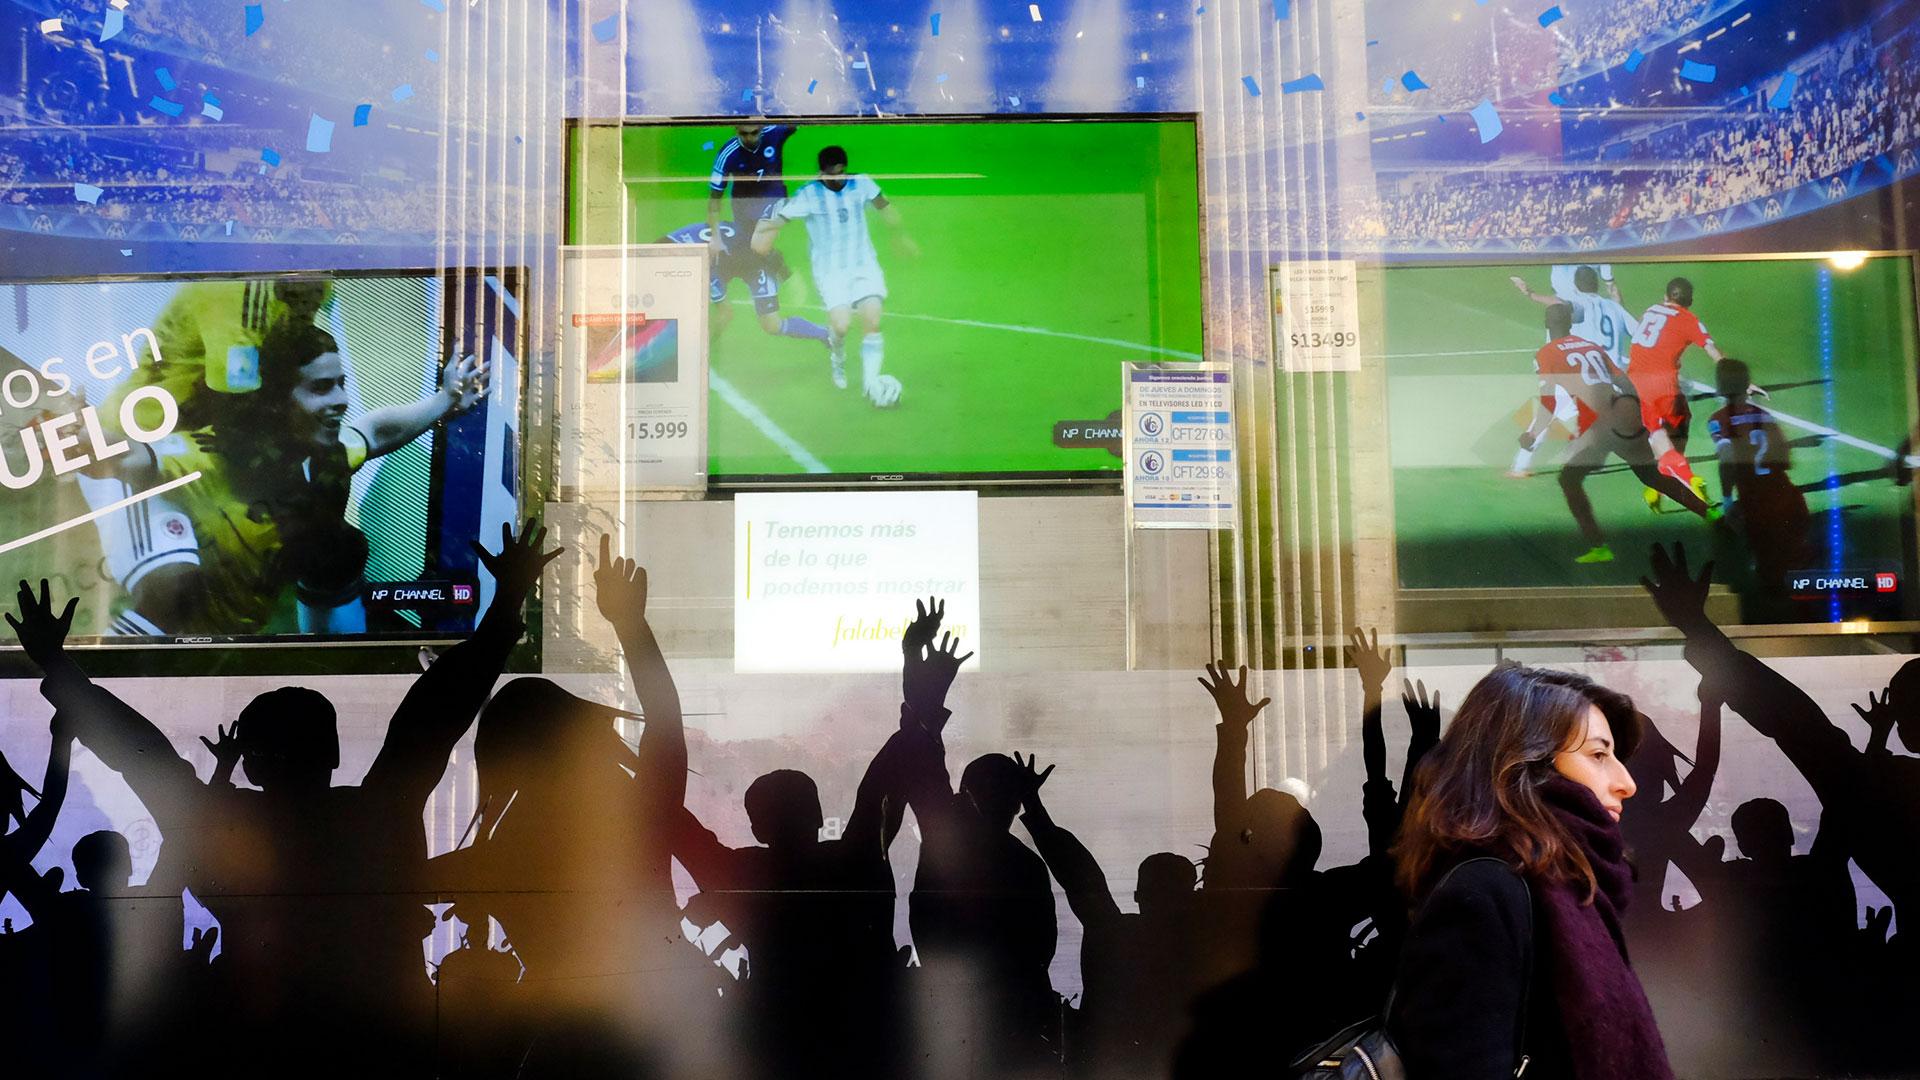 Fútbol y venta de televisores: combo exitoso, más allá de los resultados (NA)